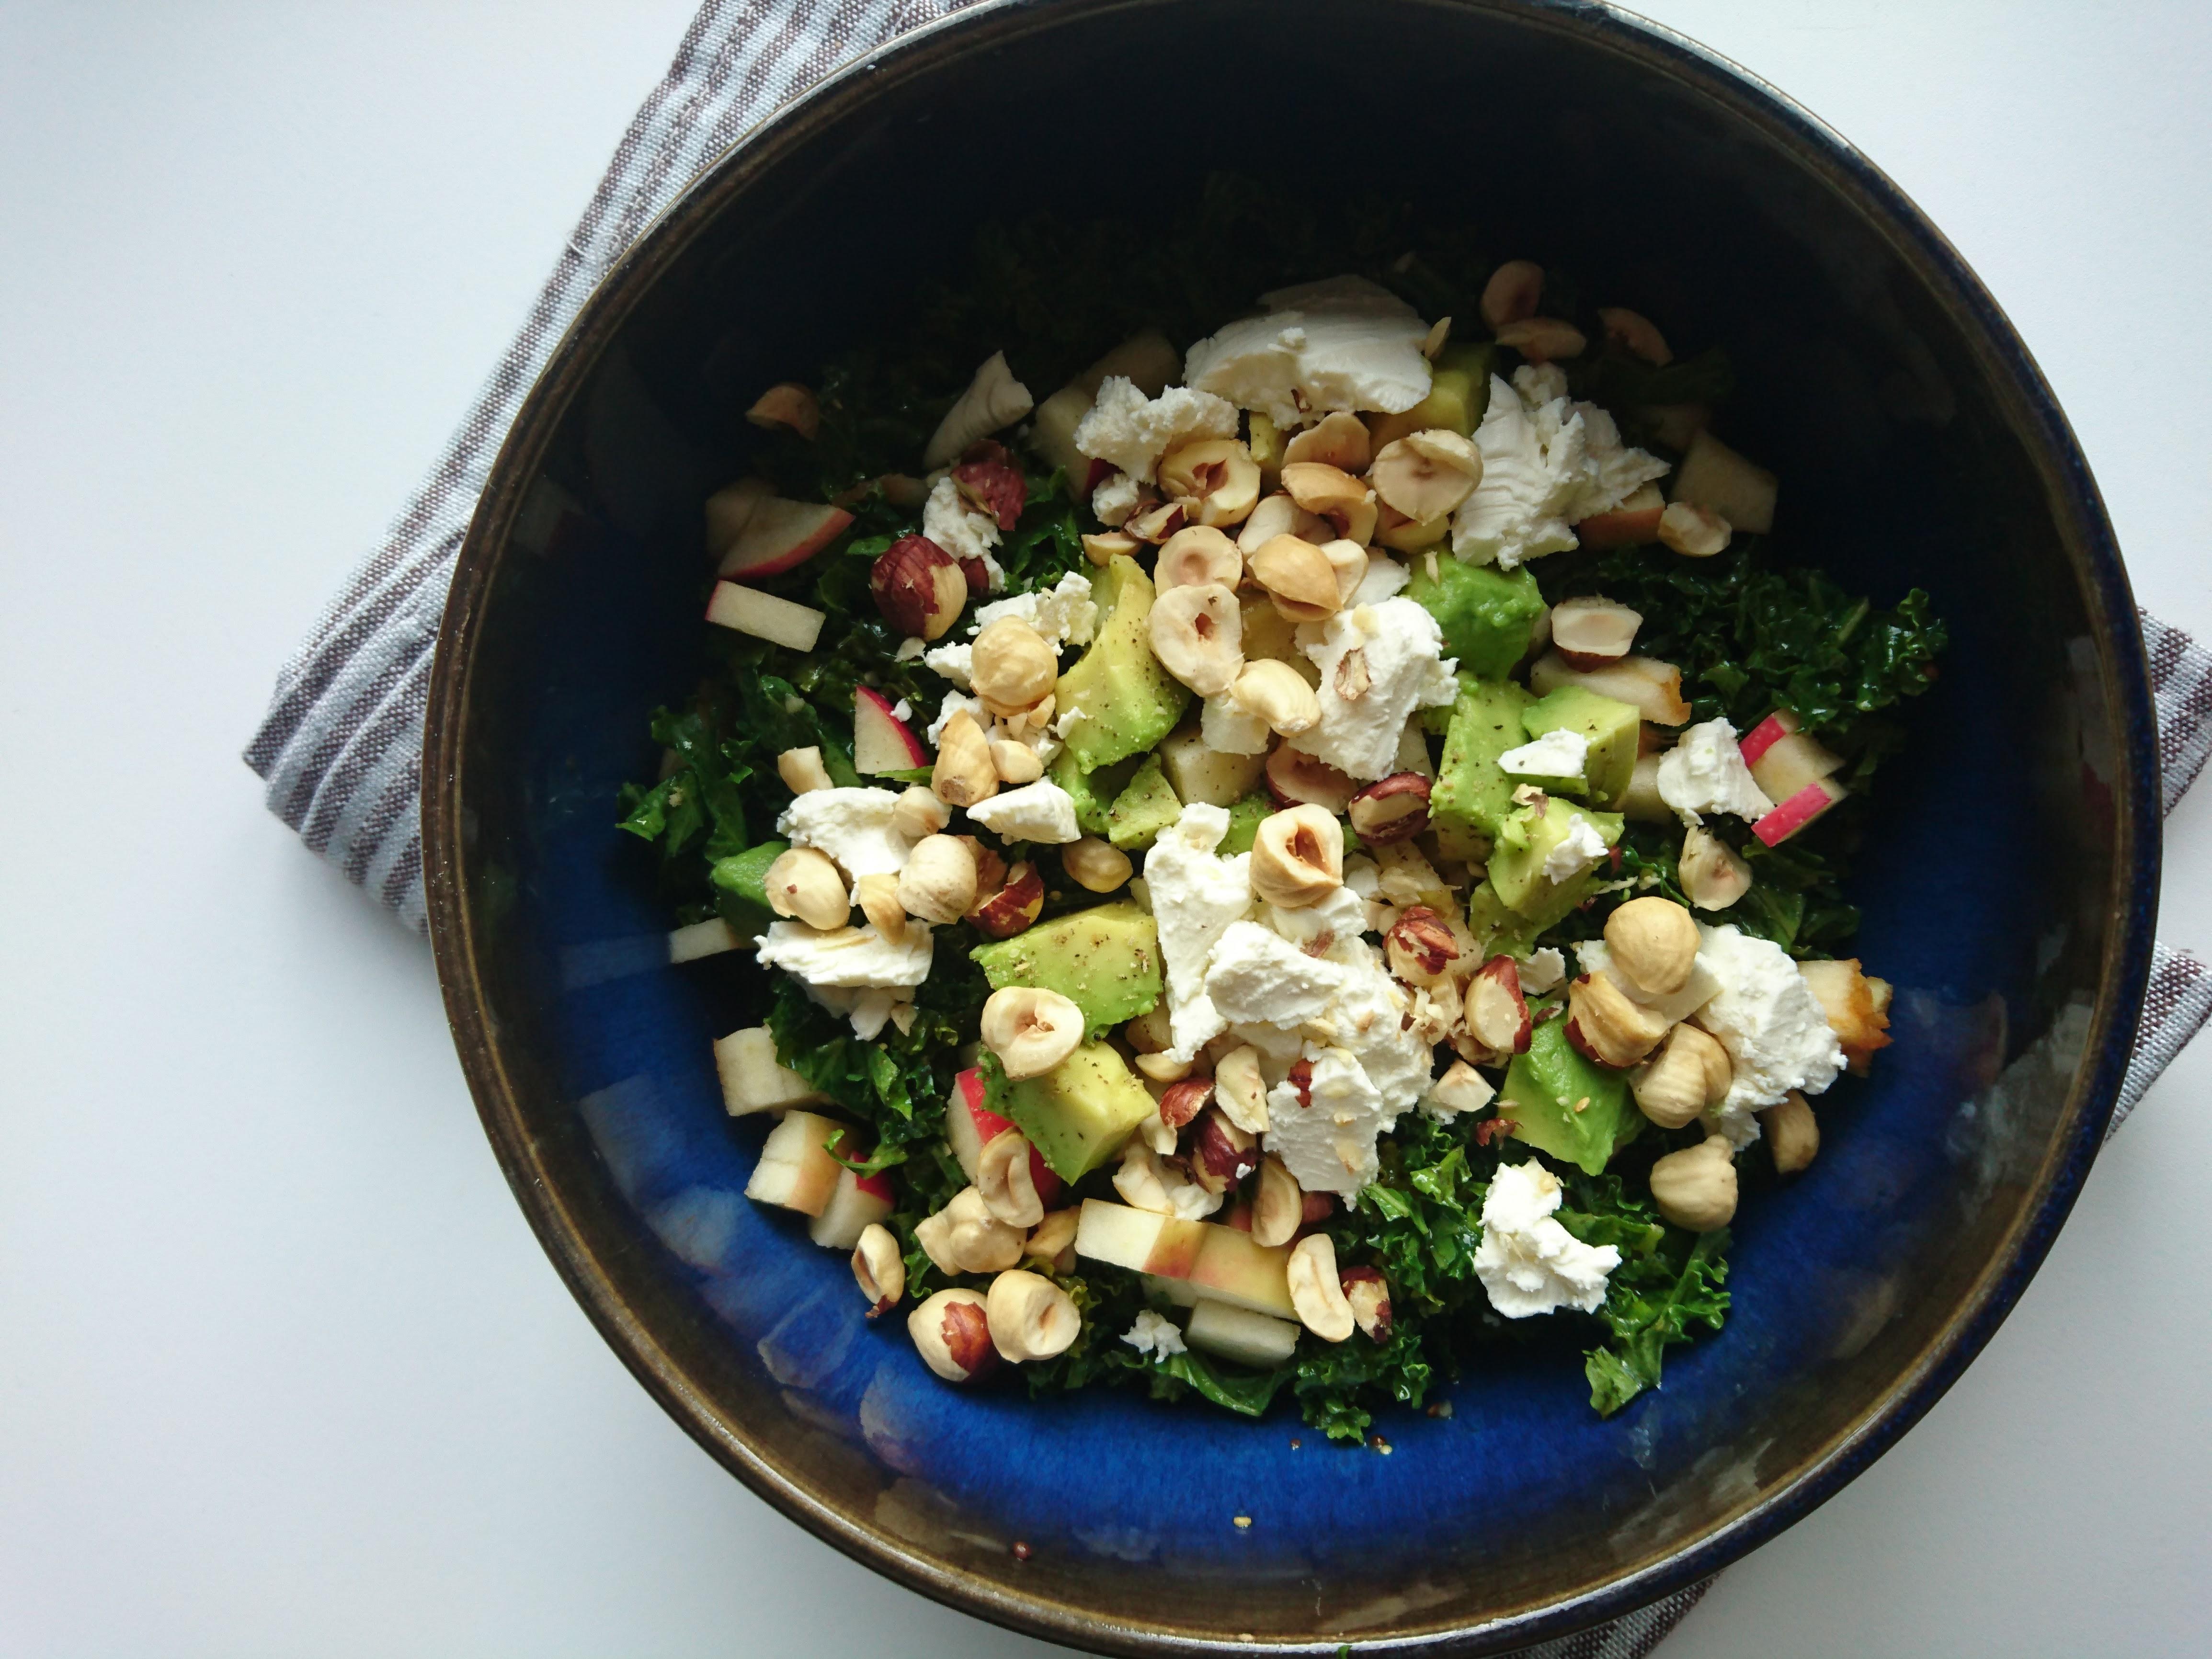 nem aftensmad - grønkålssalat